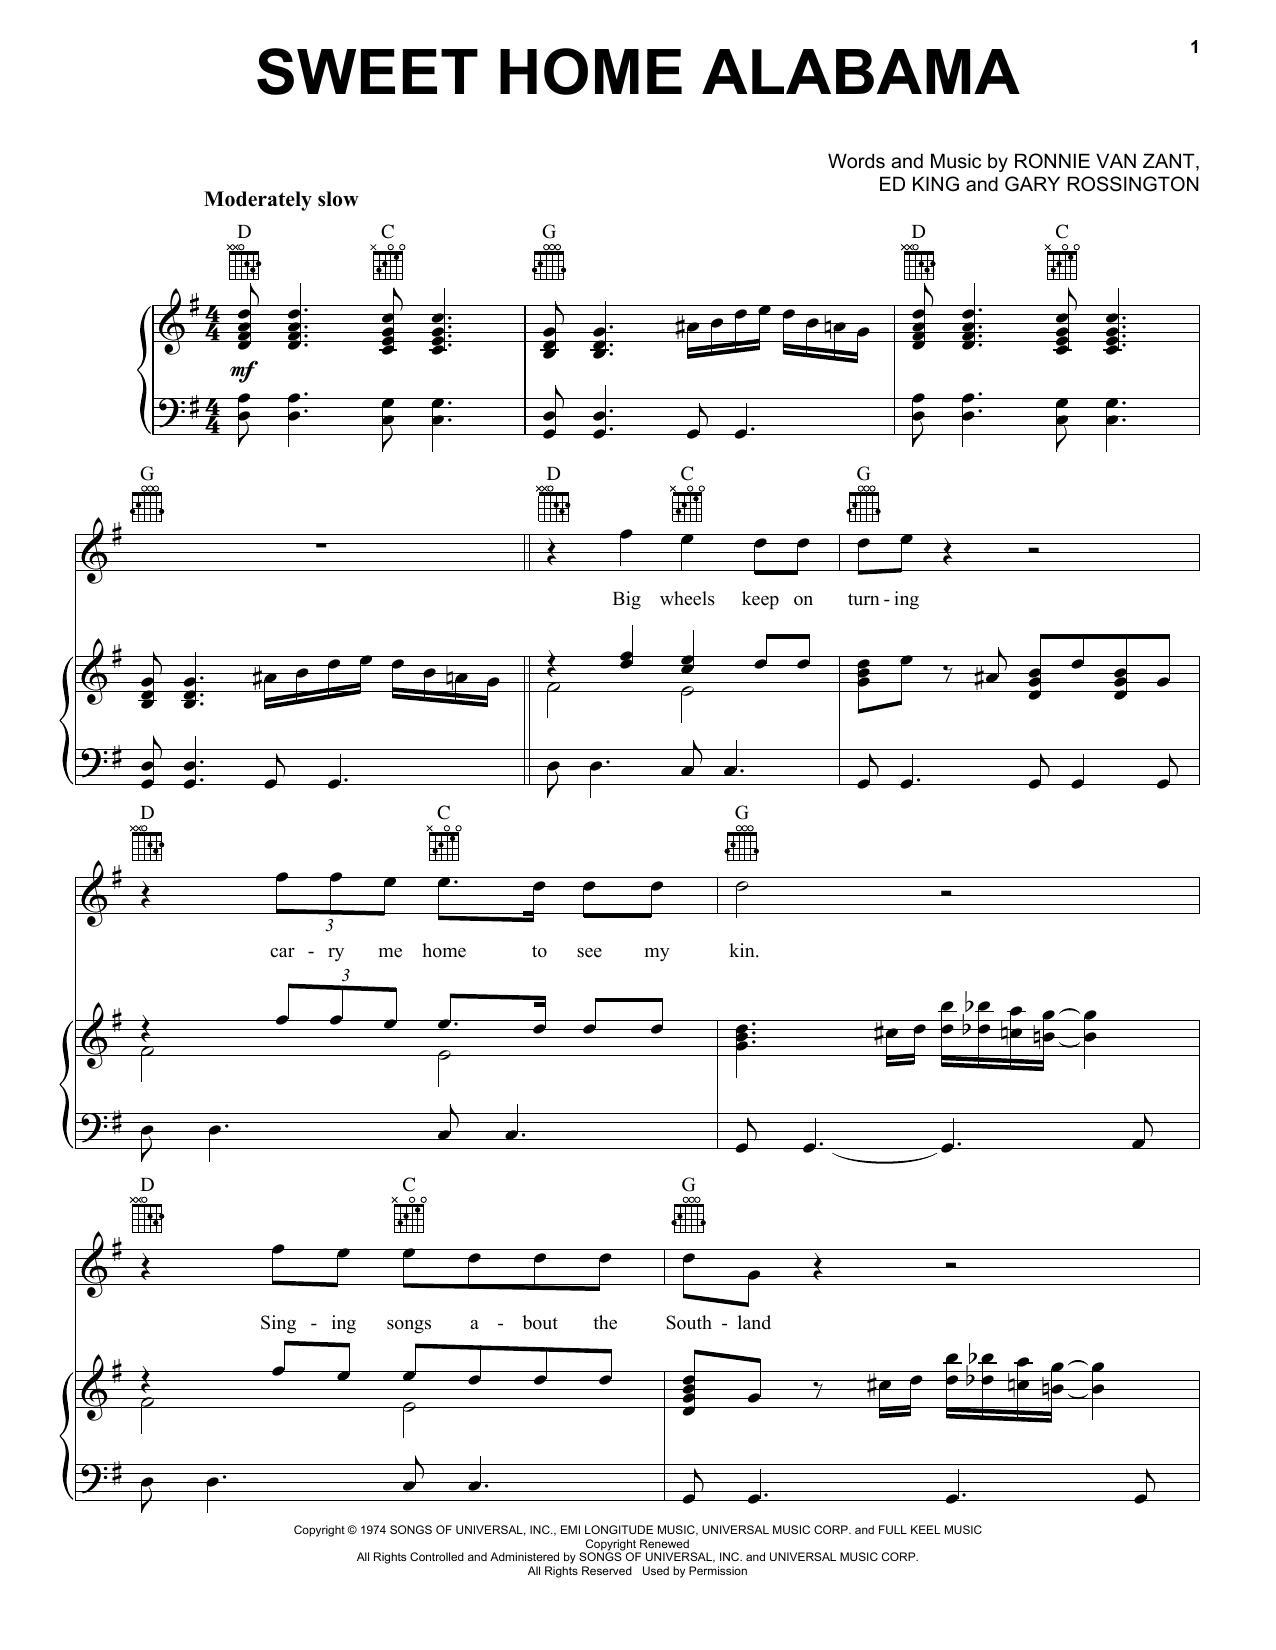 Dec 16, 2020· by lynyrd skynyrd. Lynyrd Skynyrd Sweet Home Alabama Sheet Music Notes Chords Guitar Tab Play Along Download Pop 54110 Pdf